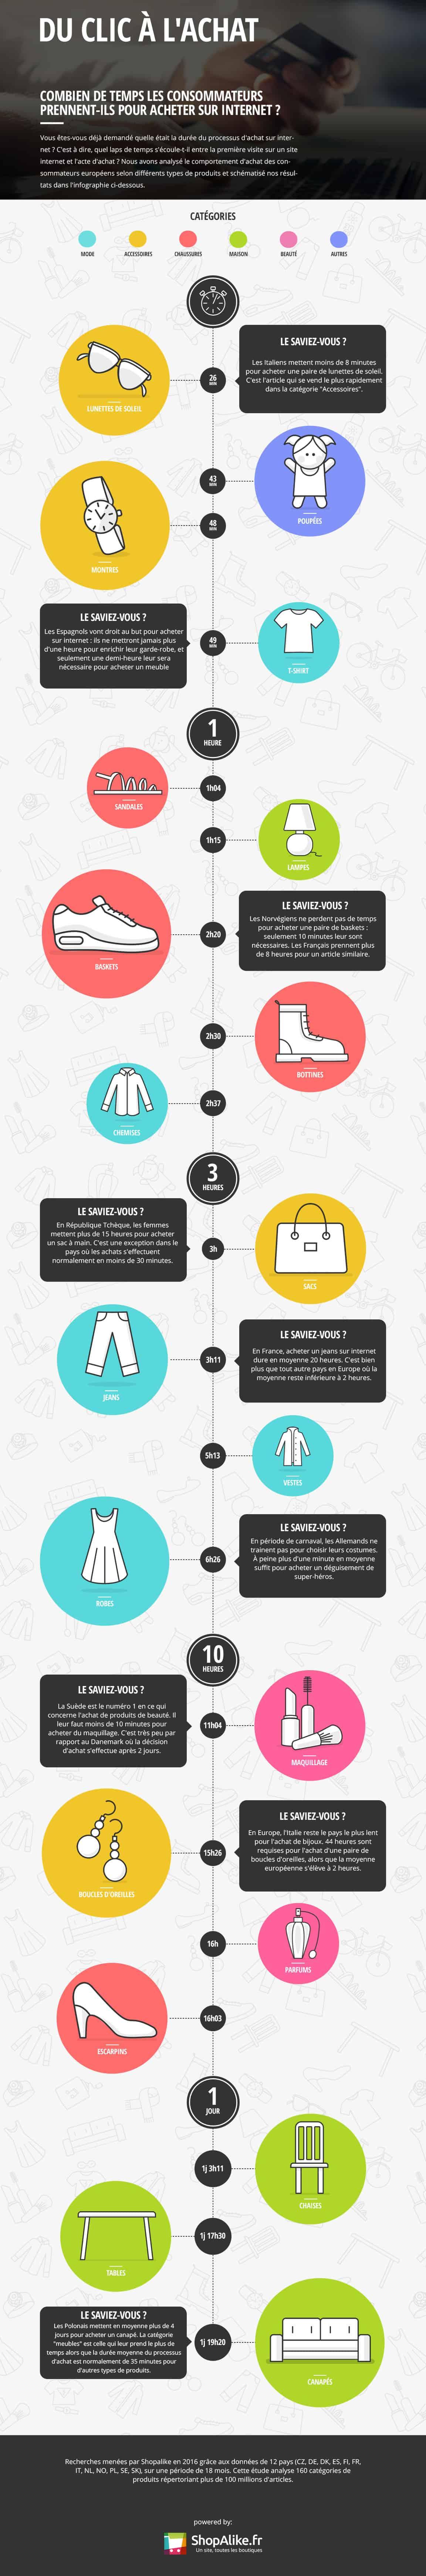 Infographie: quelle durée de réflexion pour quel achat via le e-commerce?